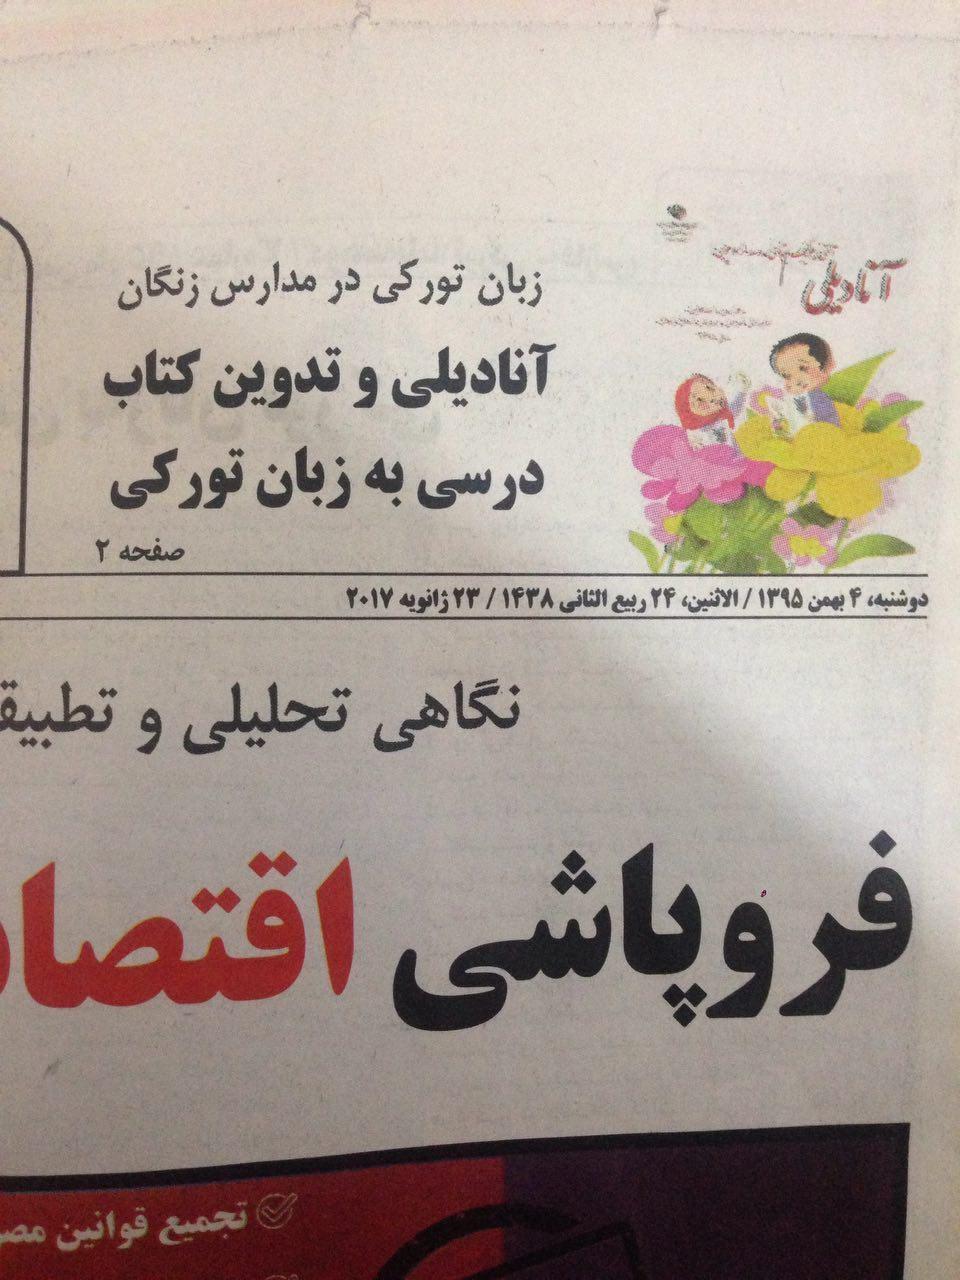 ورود فرهنگستان زبان فارسی به پروژه کتابسازی آموزش و پرورش در زنجان